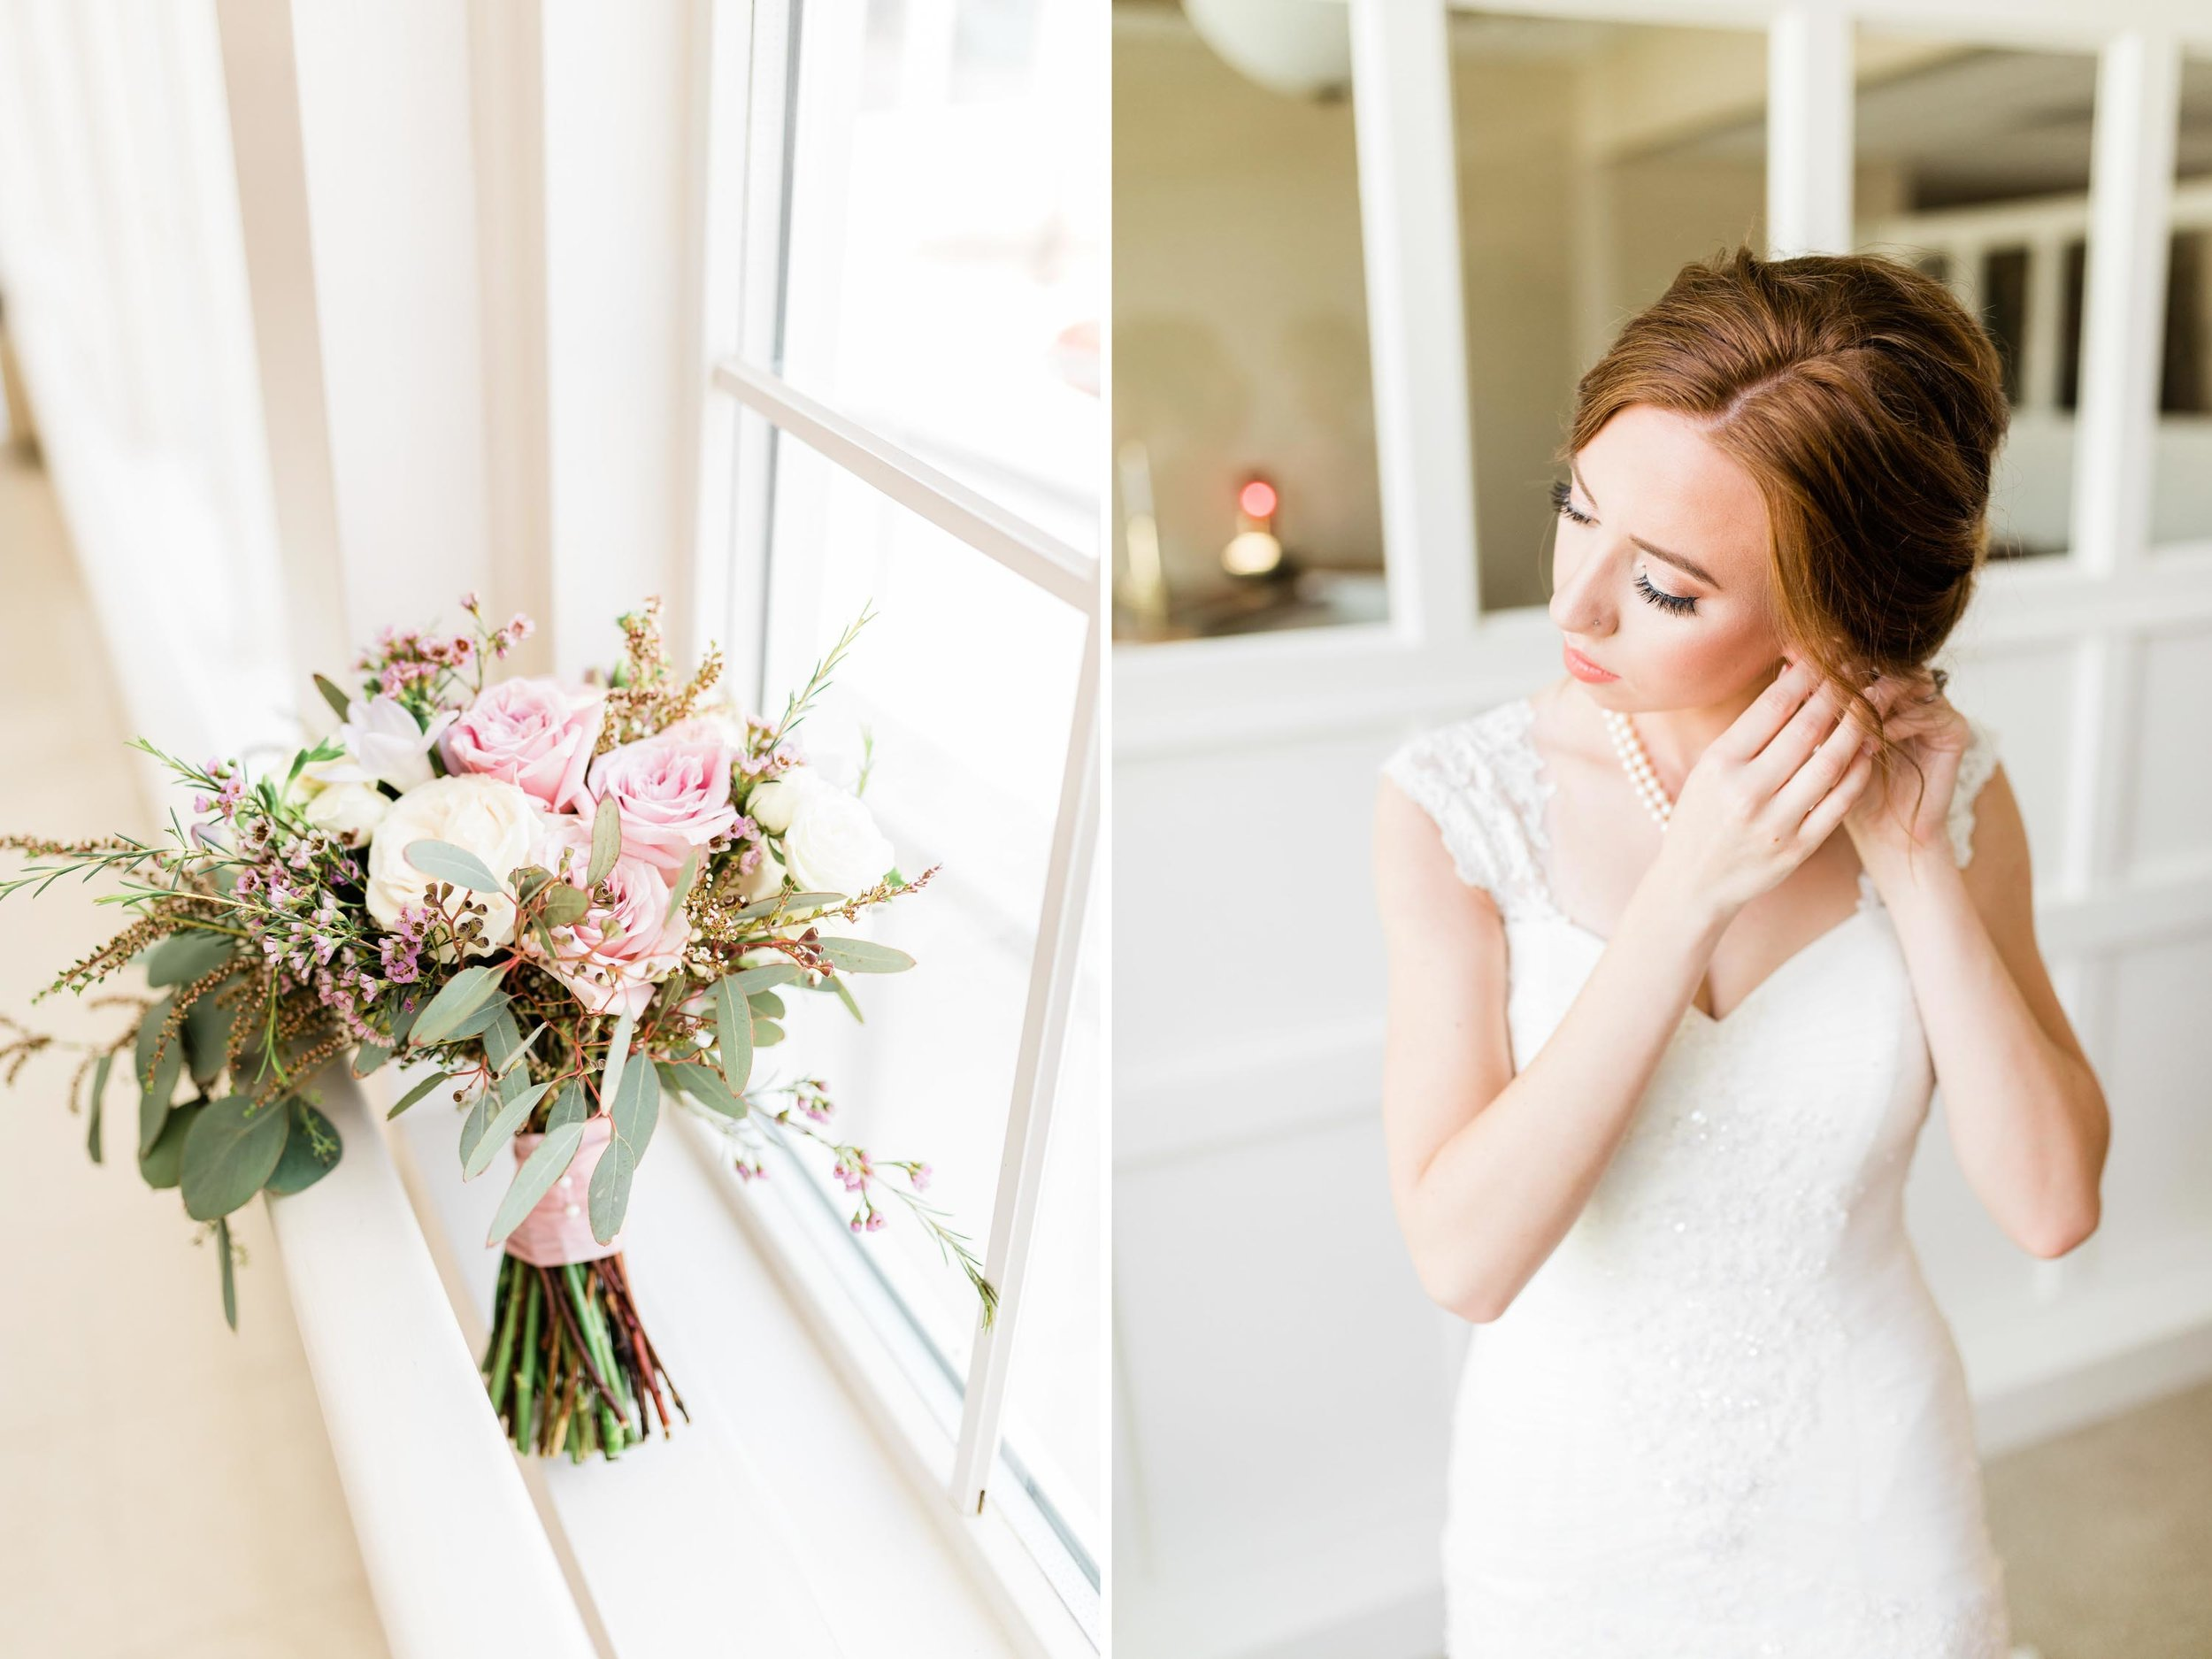 wedding photographers in cincinnati ohio.jpg